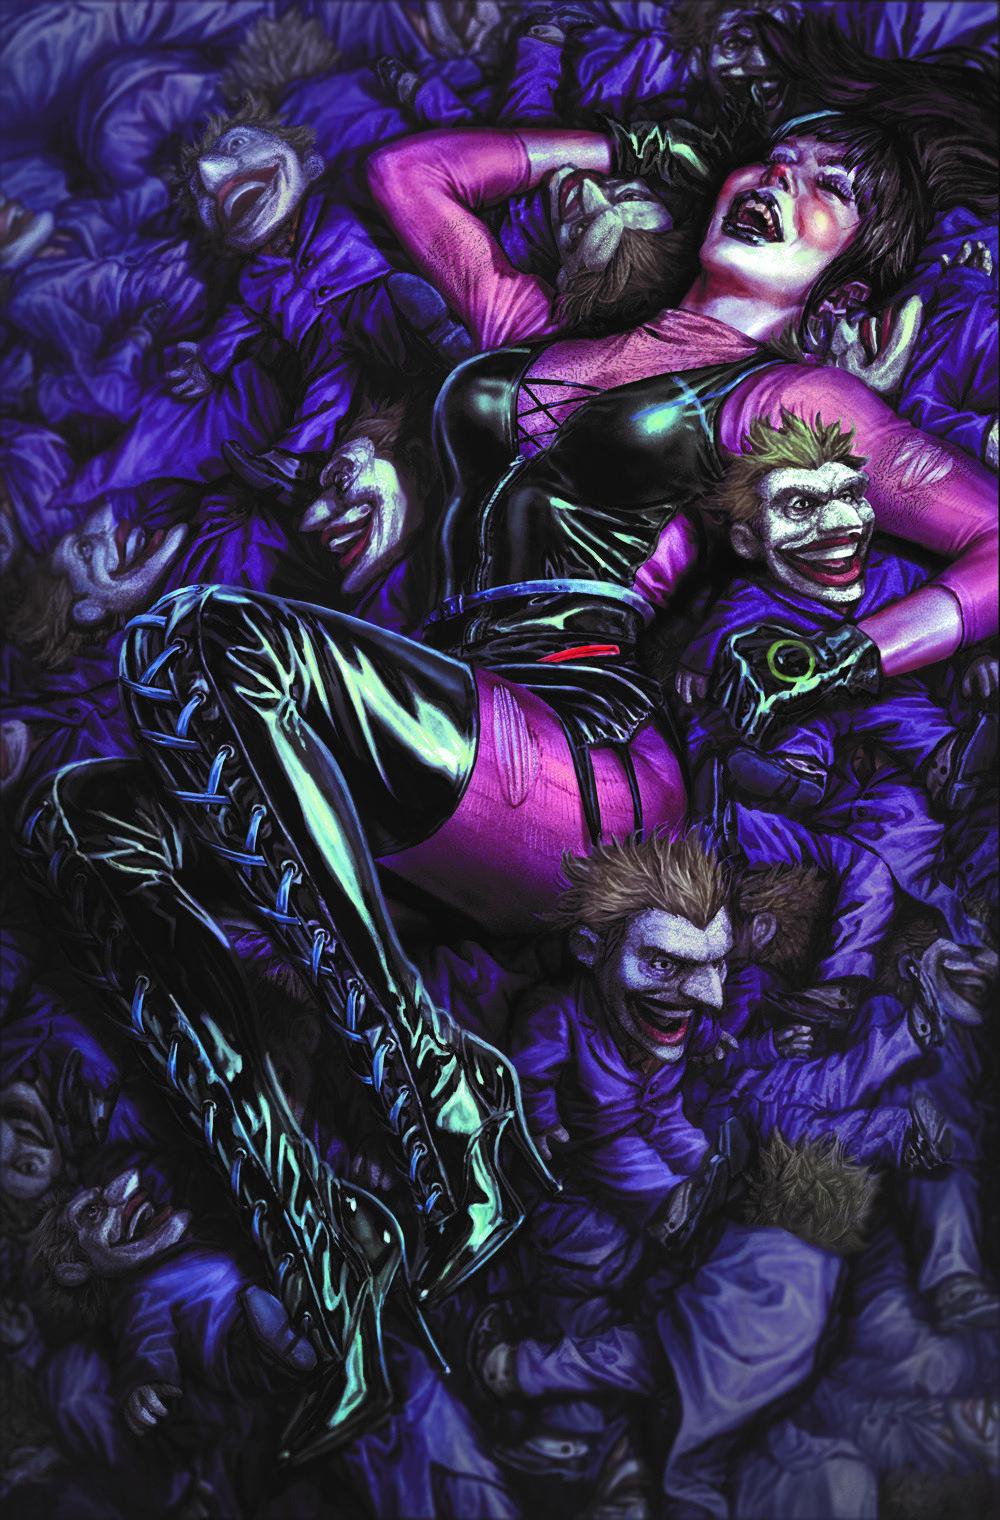 Joker-2_Variant_Bermejo DC Comics April 2021 Solicitations